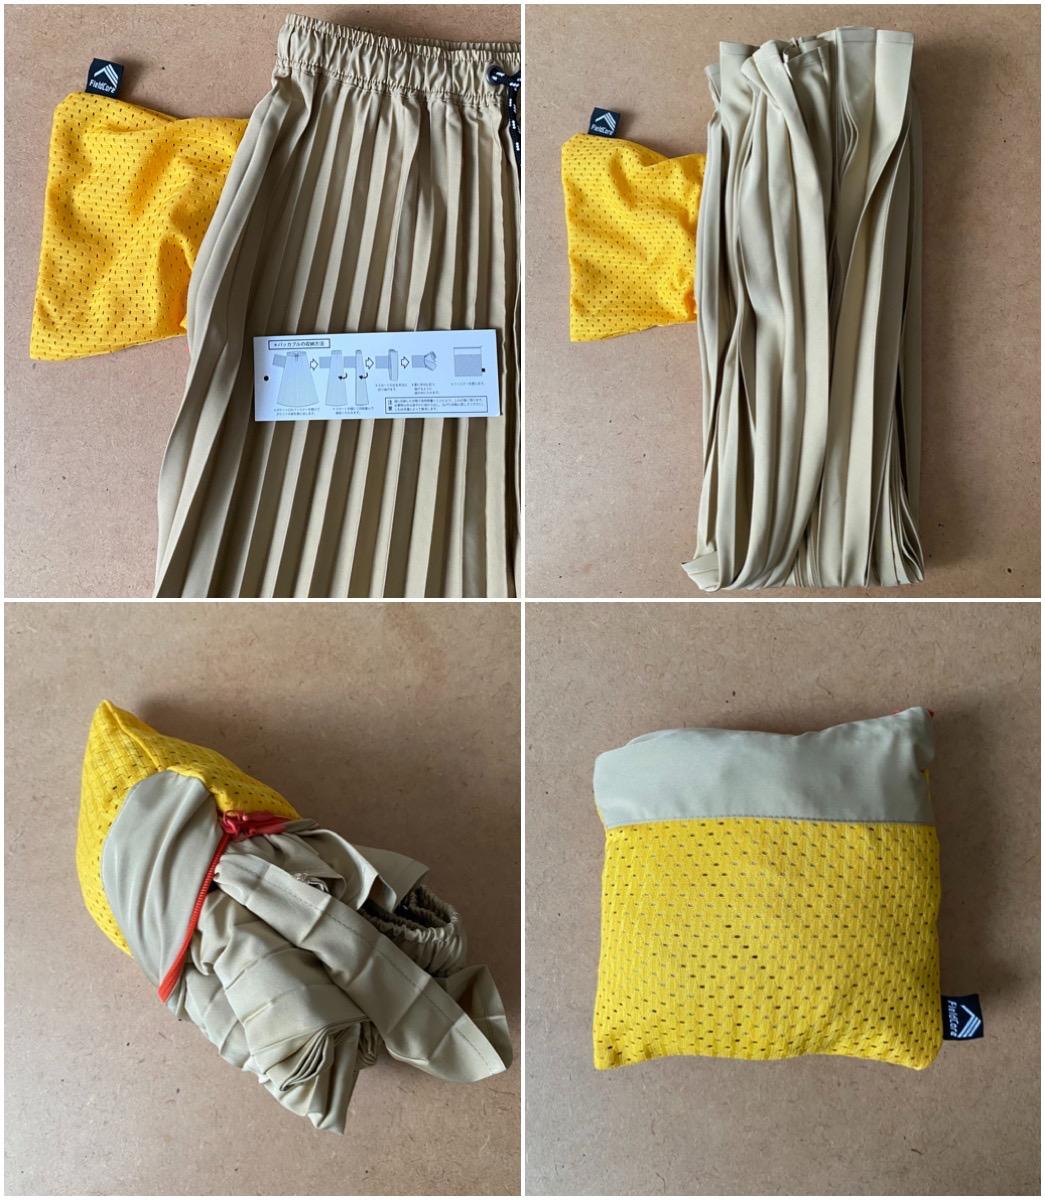 ワークマンの撥水ライトプリーツスカートの畳み方